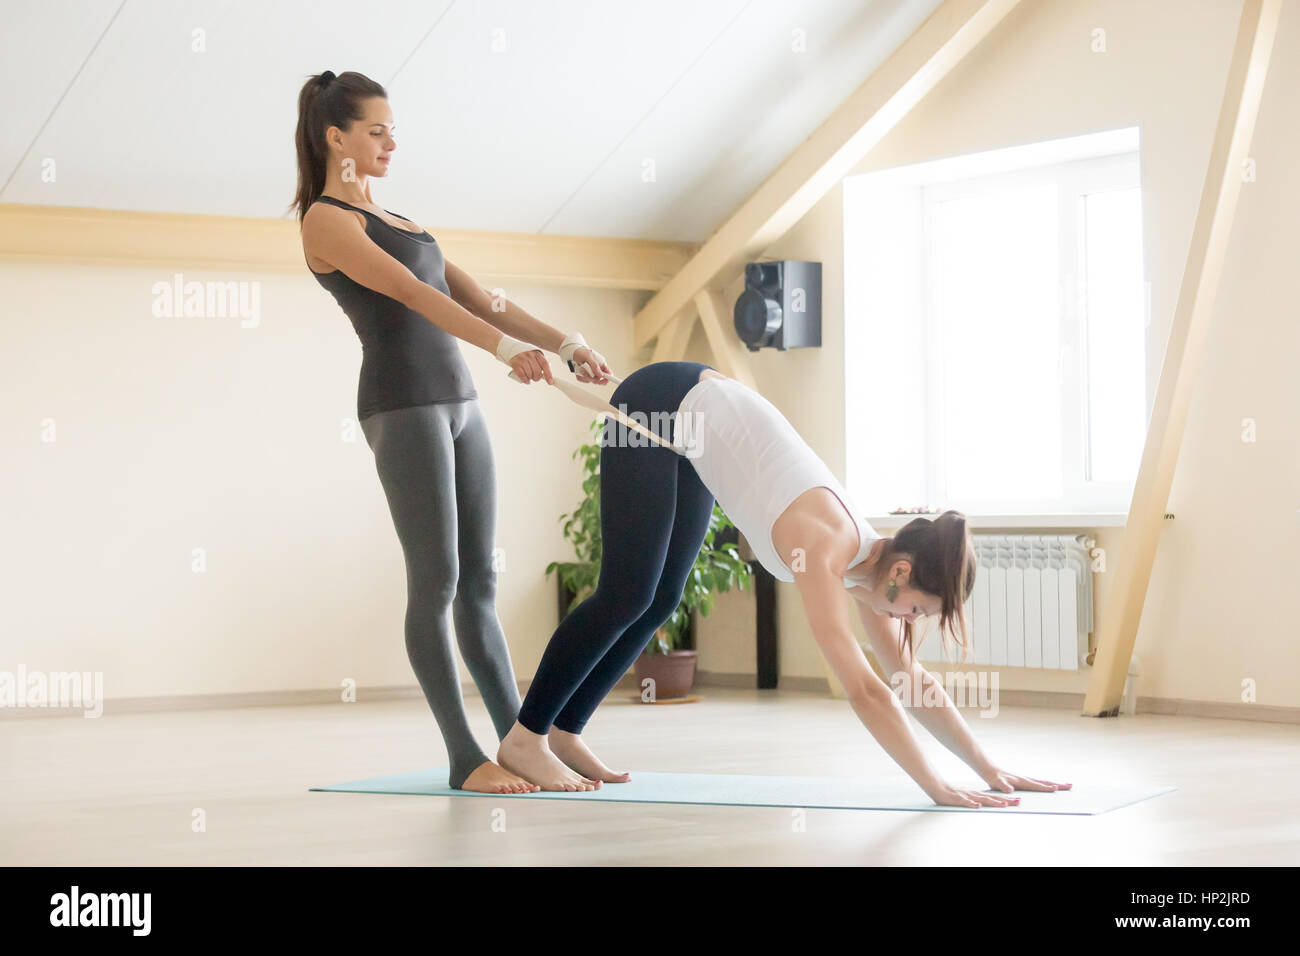 Schöne weibliche Yogi Lehrer unterstützen junge Frau im Yoga clas Stockbild